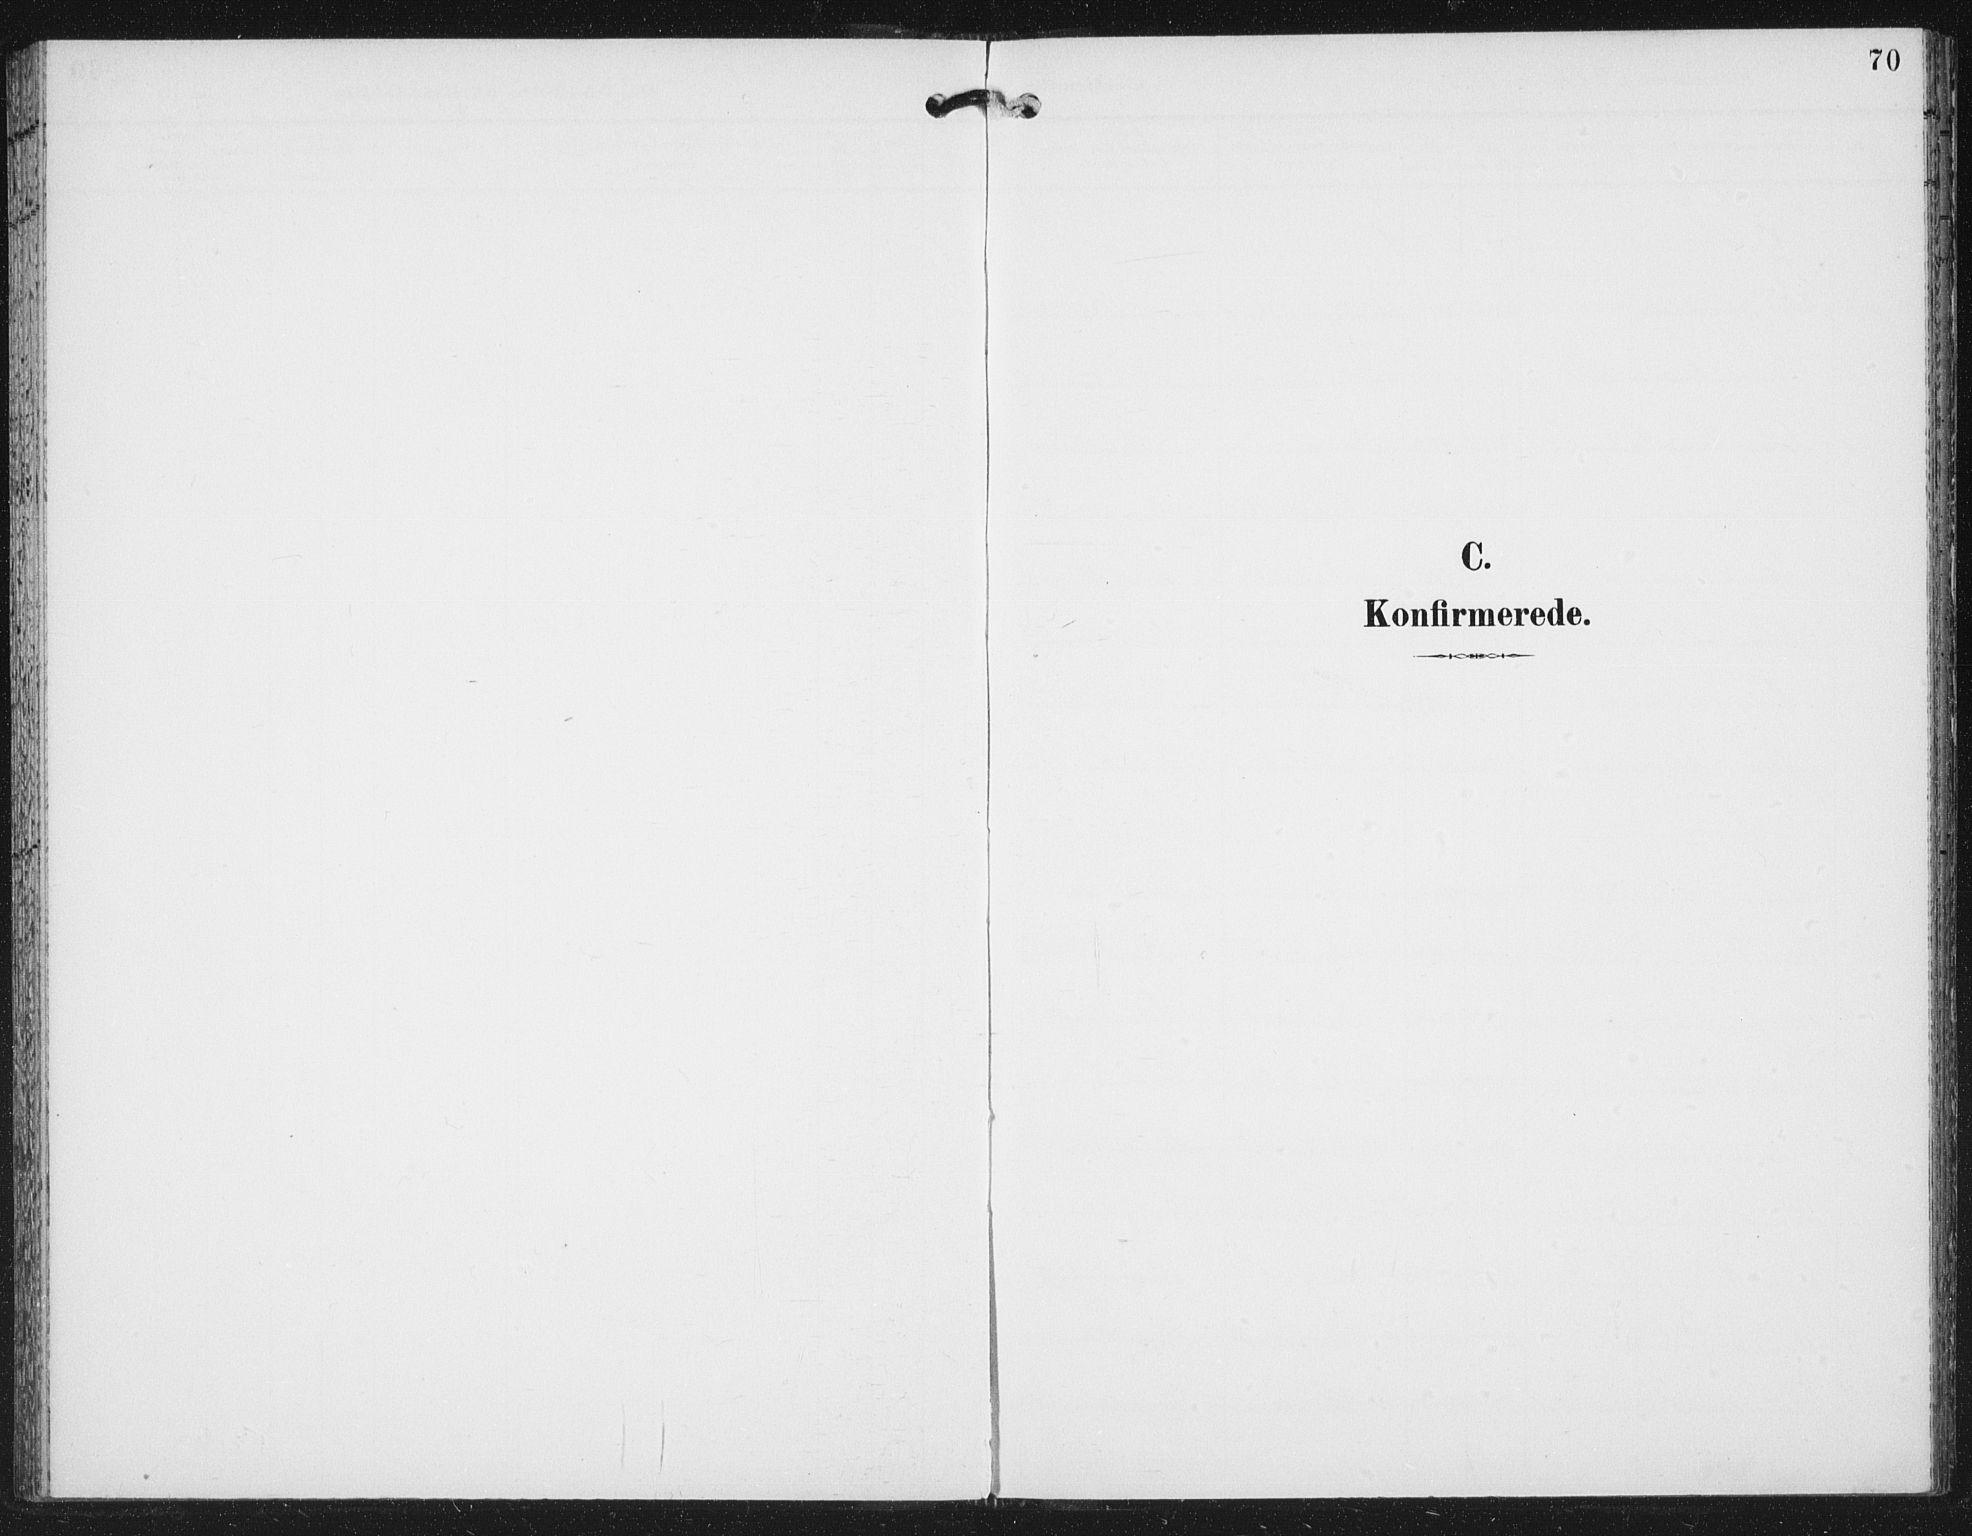 SAT, Ministerialprotokoller, klokkerbøker og fødselsregistre - Nord-Trøndelag, 702/L0024: Ministerialbok nr. 702A02, 1898-1914, s. 70